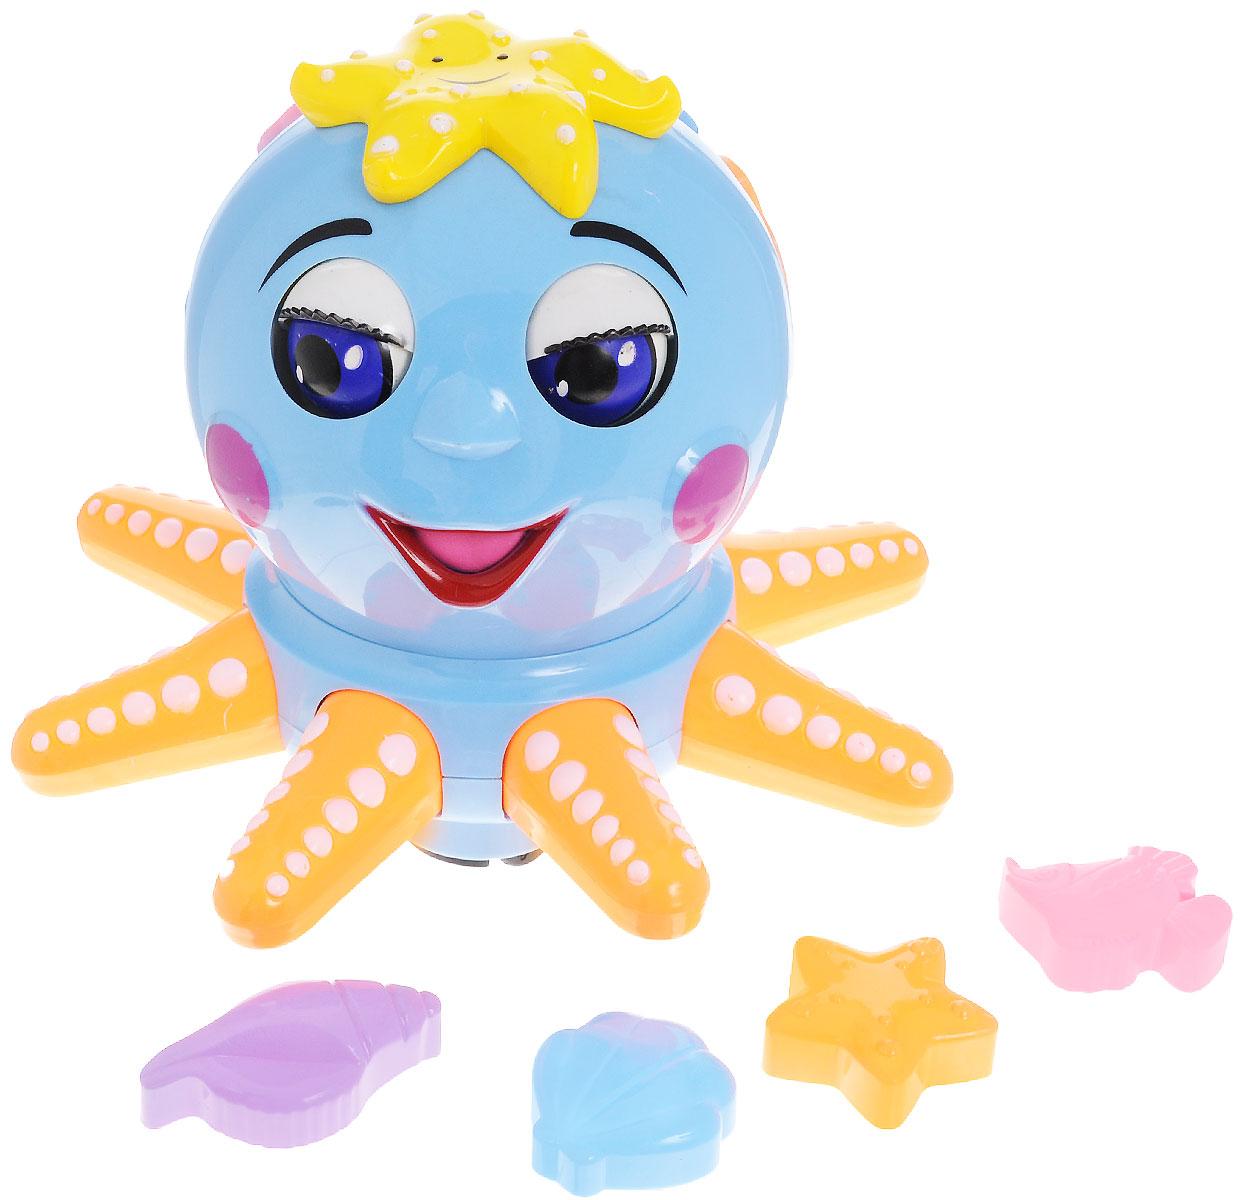 Tongde Сортер ОсьминожкаВ72133Сортер Tongde Осьминожка это веселое сочетание игры и развития для вашего малыша. Осьминожка двигает глазками, язычком и щупальцами, едет вперед и поворачивается. Движения сопровождаются музыкальными эффектами. На теле осьминожки есть фигурные отверстия, куда малыш сможет вставить соответствующие фигурки в виде морской звезды, ракушки и рыбки. Для работы игрушки необходимы 3 батарейки типа АА (не входят в комплект).